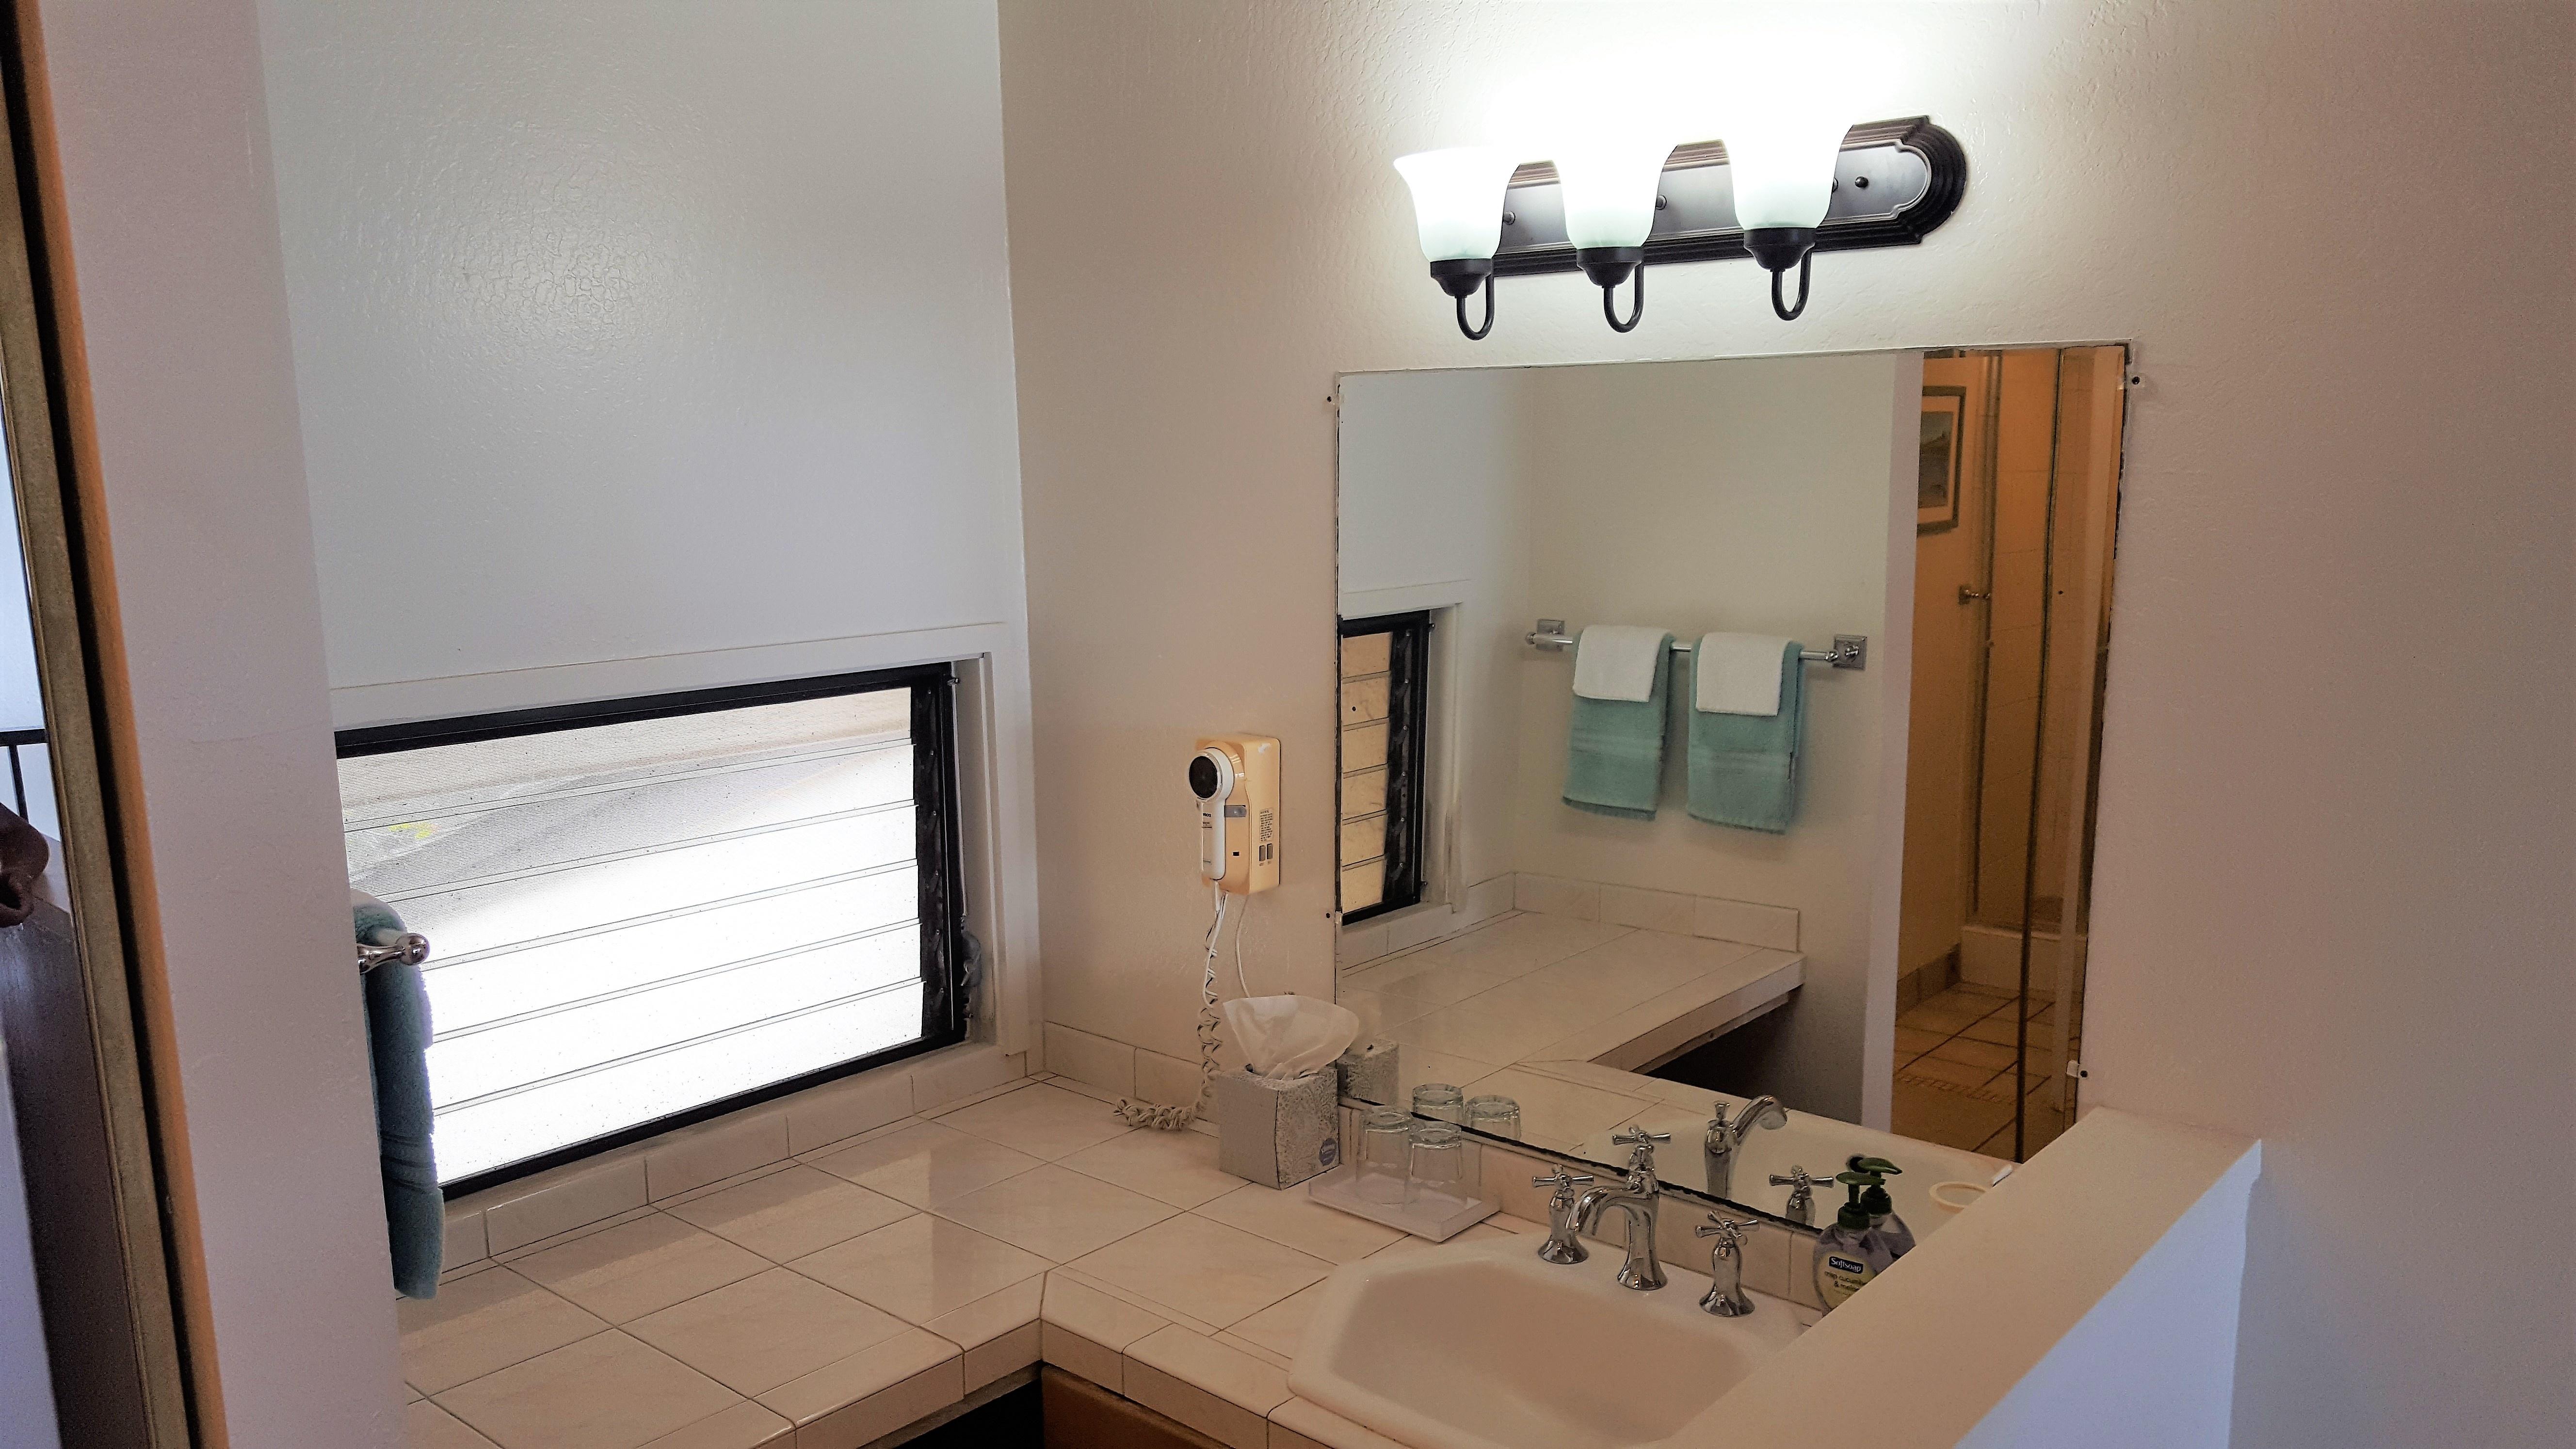 C25 Upstairs bathroom vanity